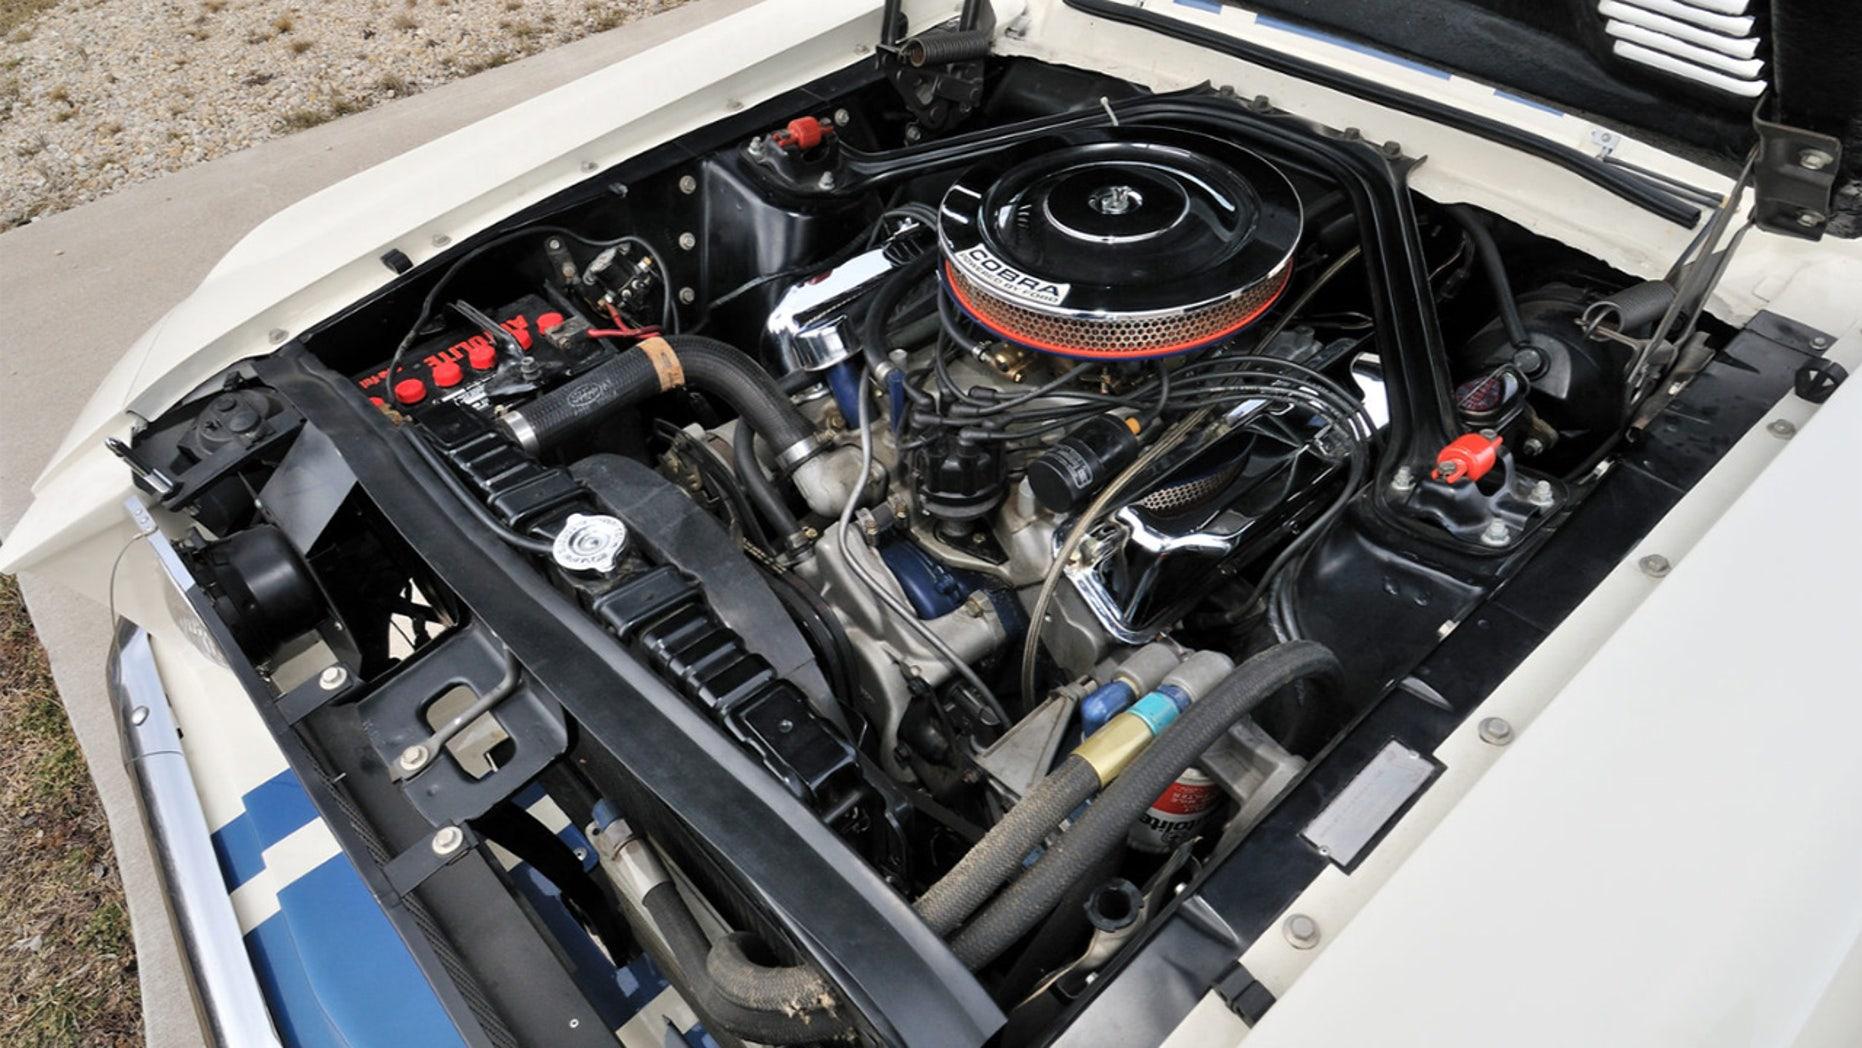 1967 Shelby GT500 Super Snake 427 V8 Engine